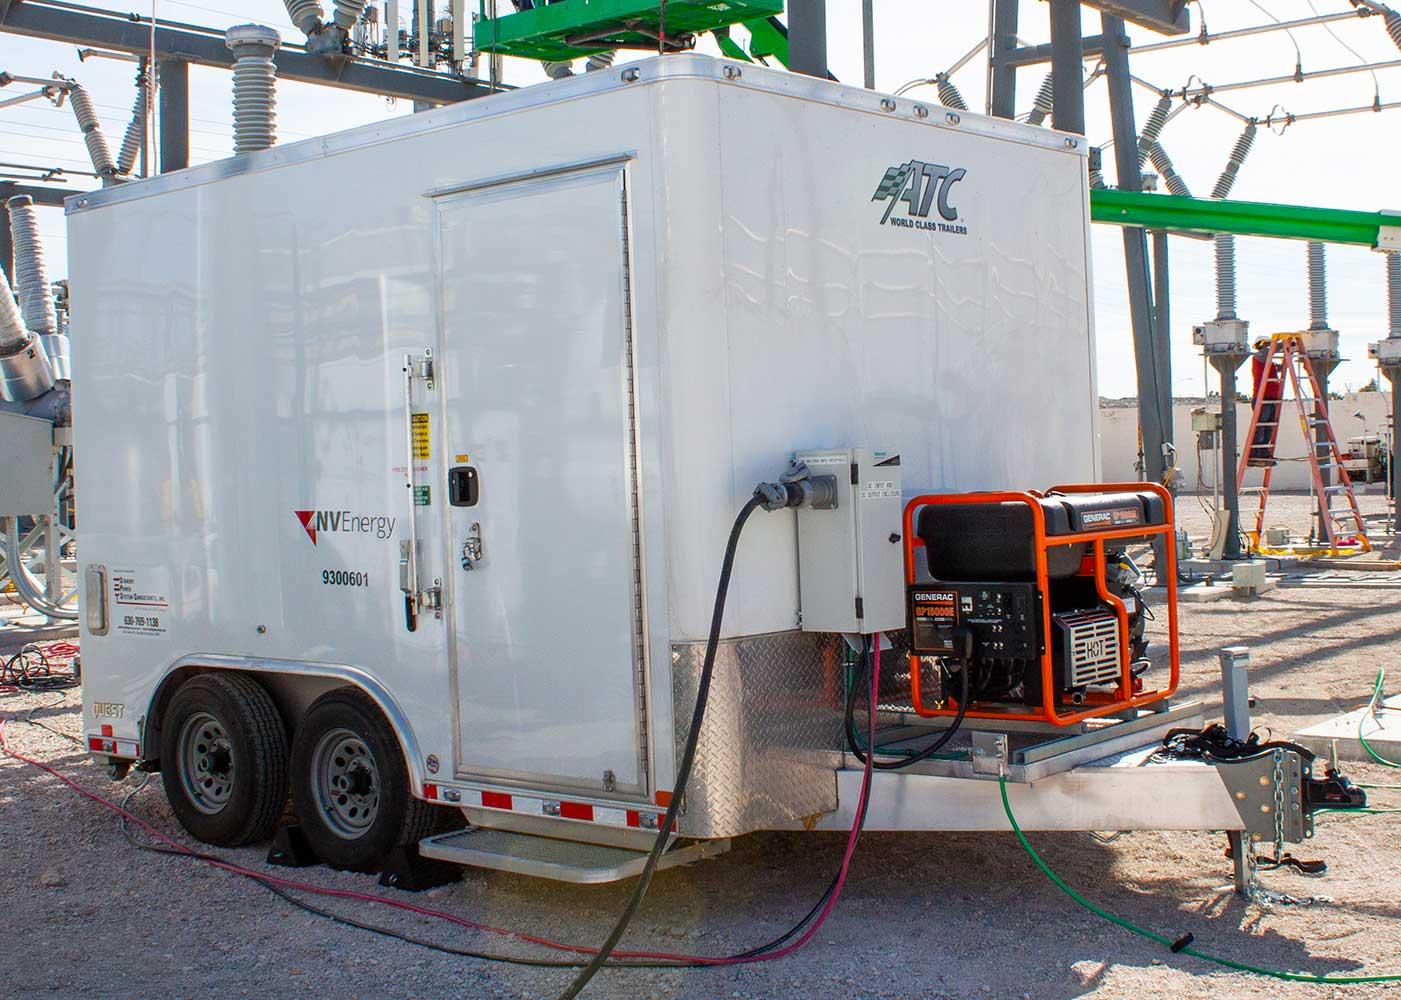 Mobile DC Power Trailer, Exterior, HM Cragg